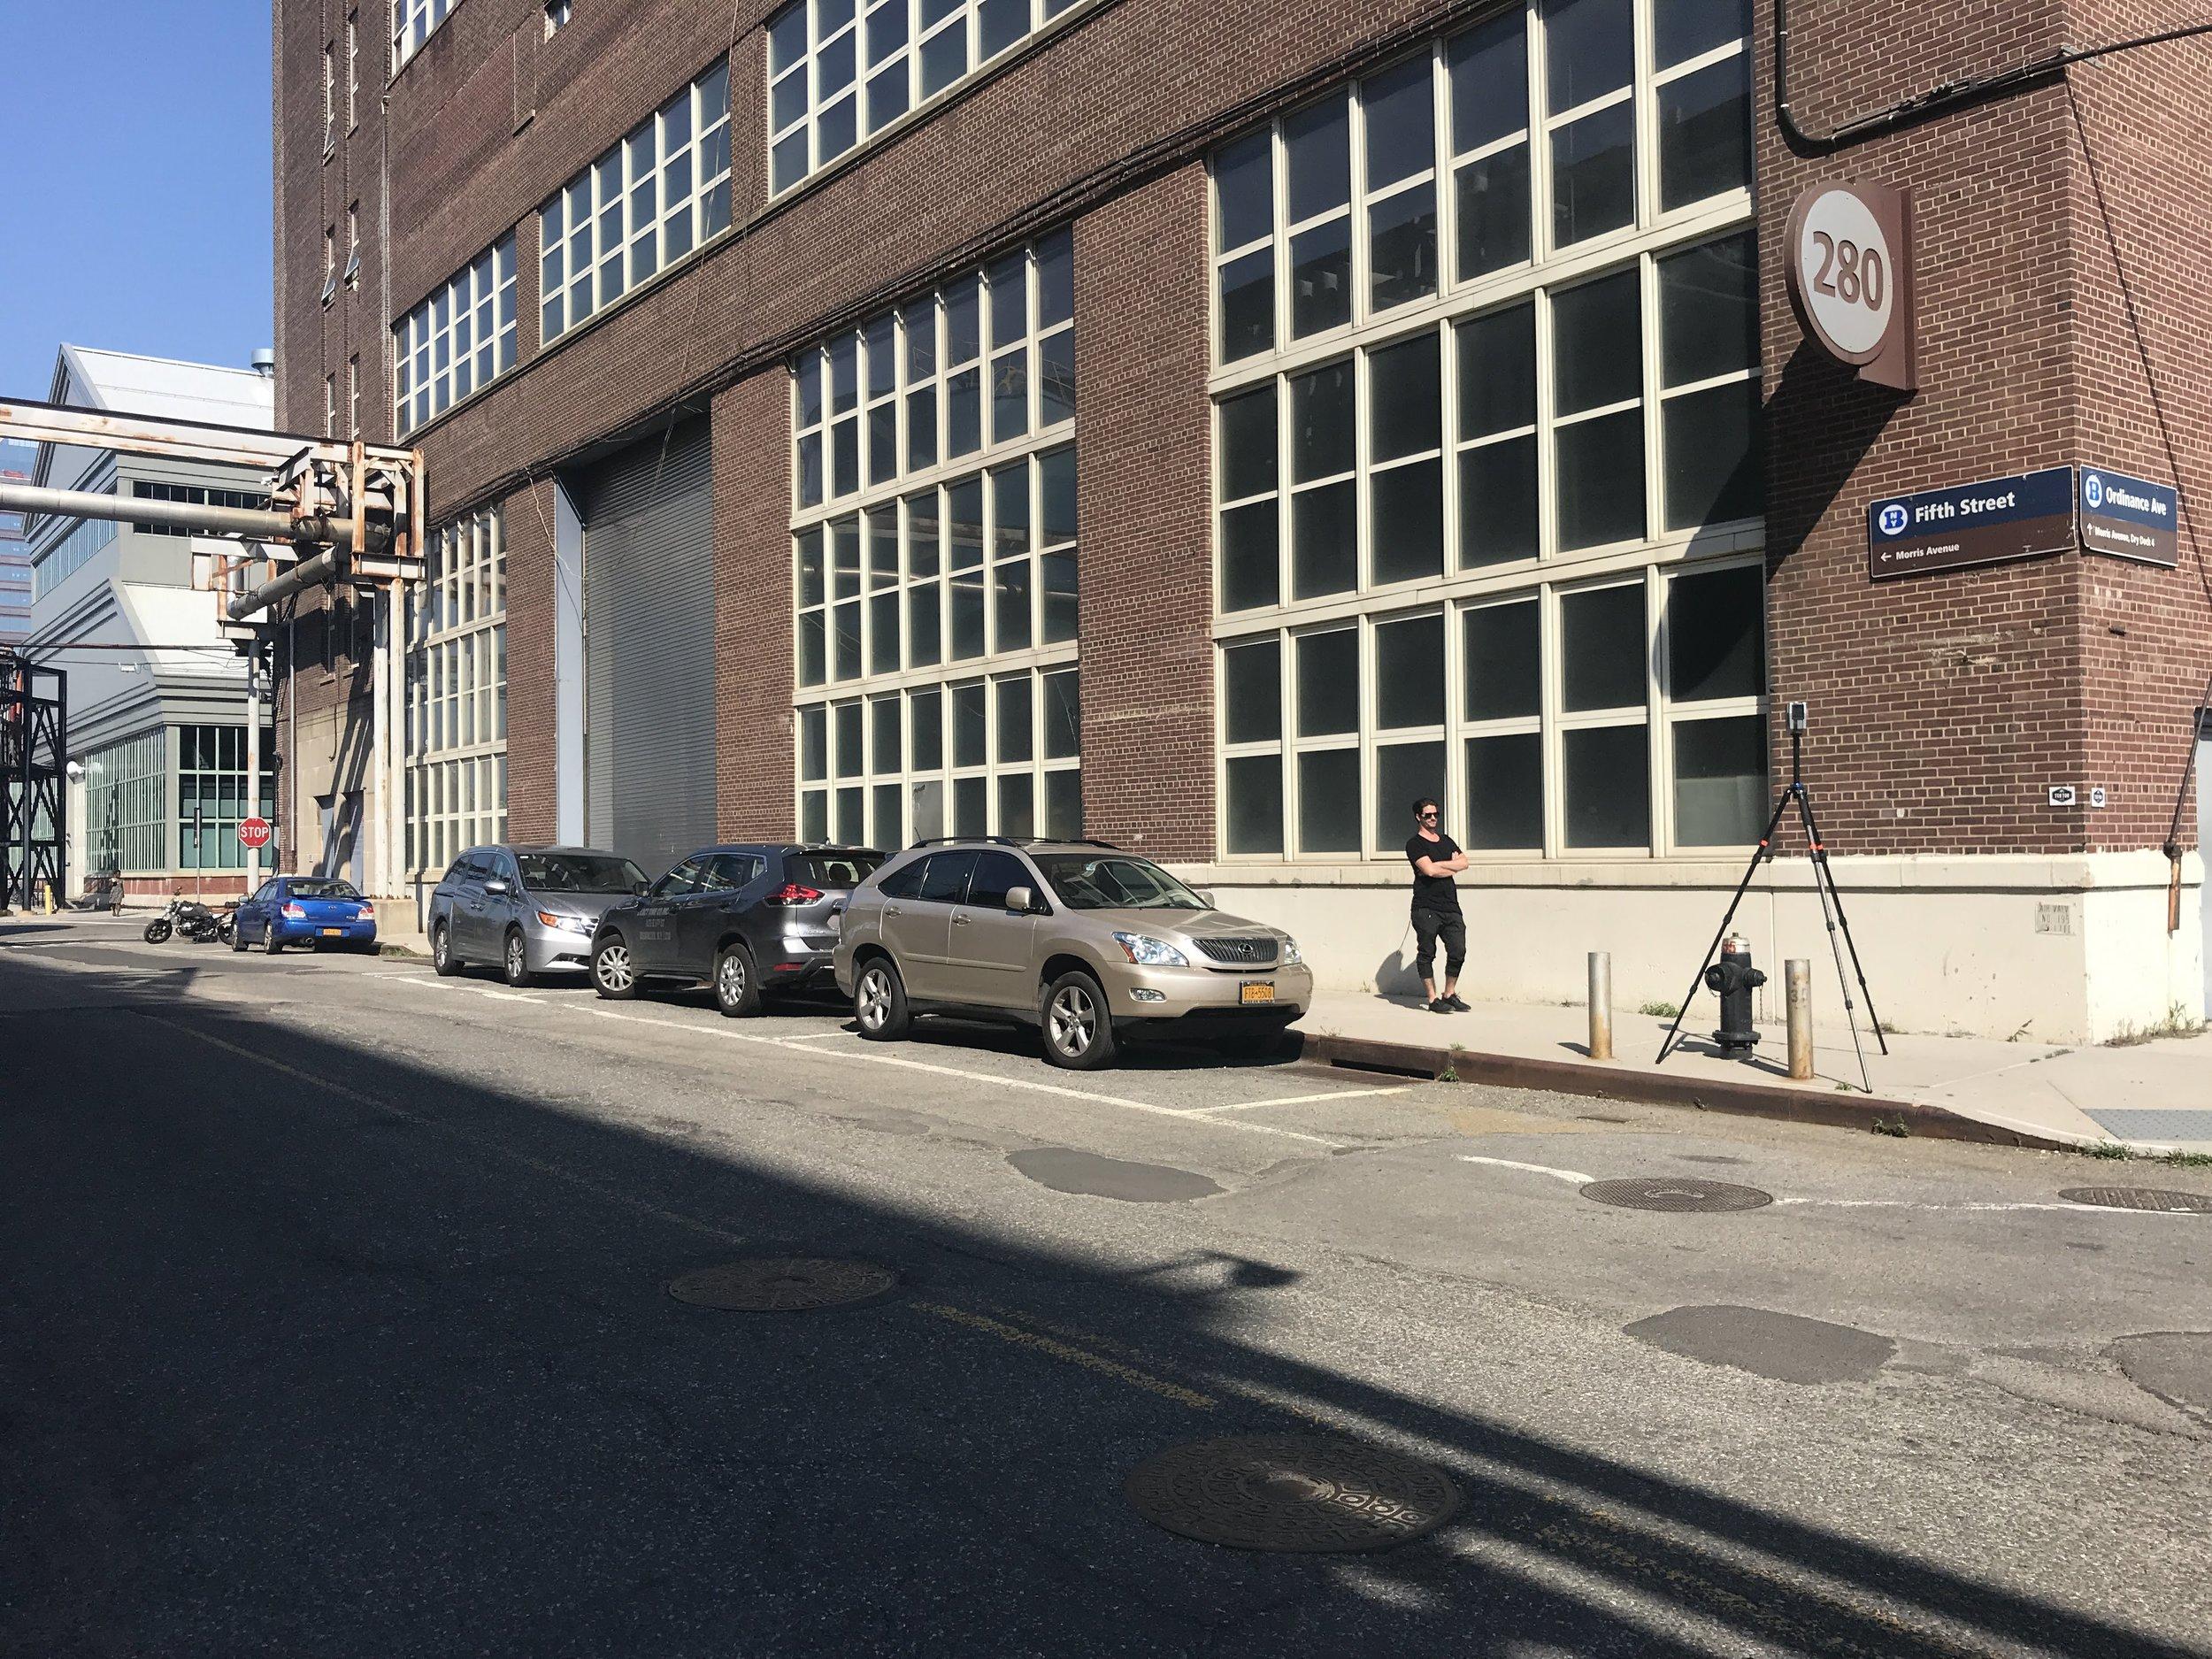 iaac-global-summer-school-digital-sensing-5-3D-laser-scanning-point-cloud-new-york.jpg